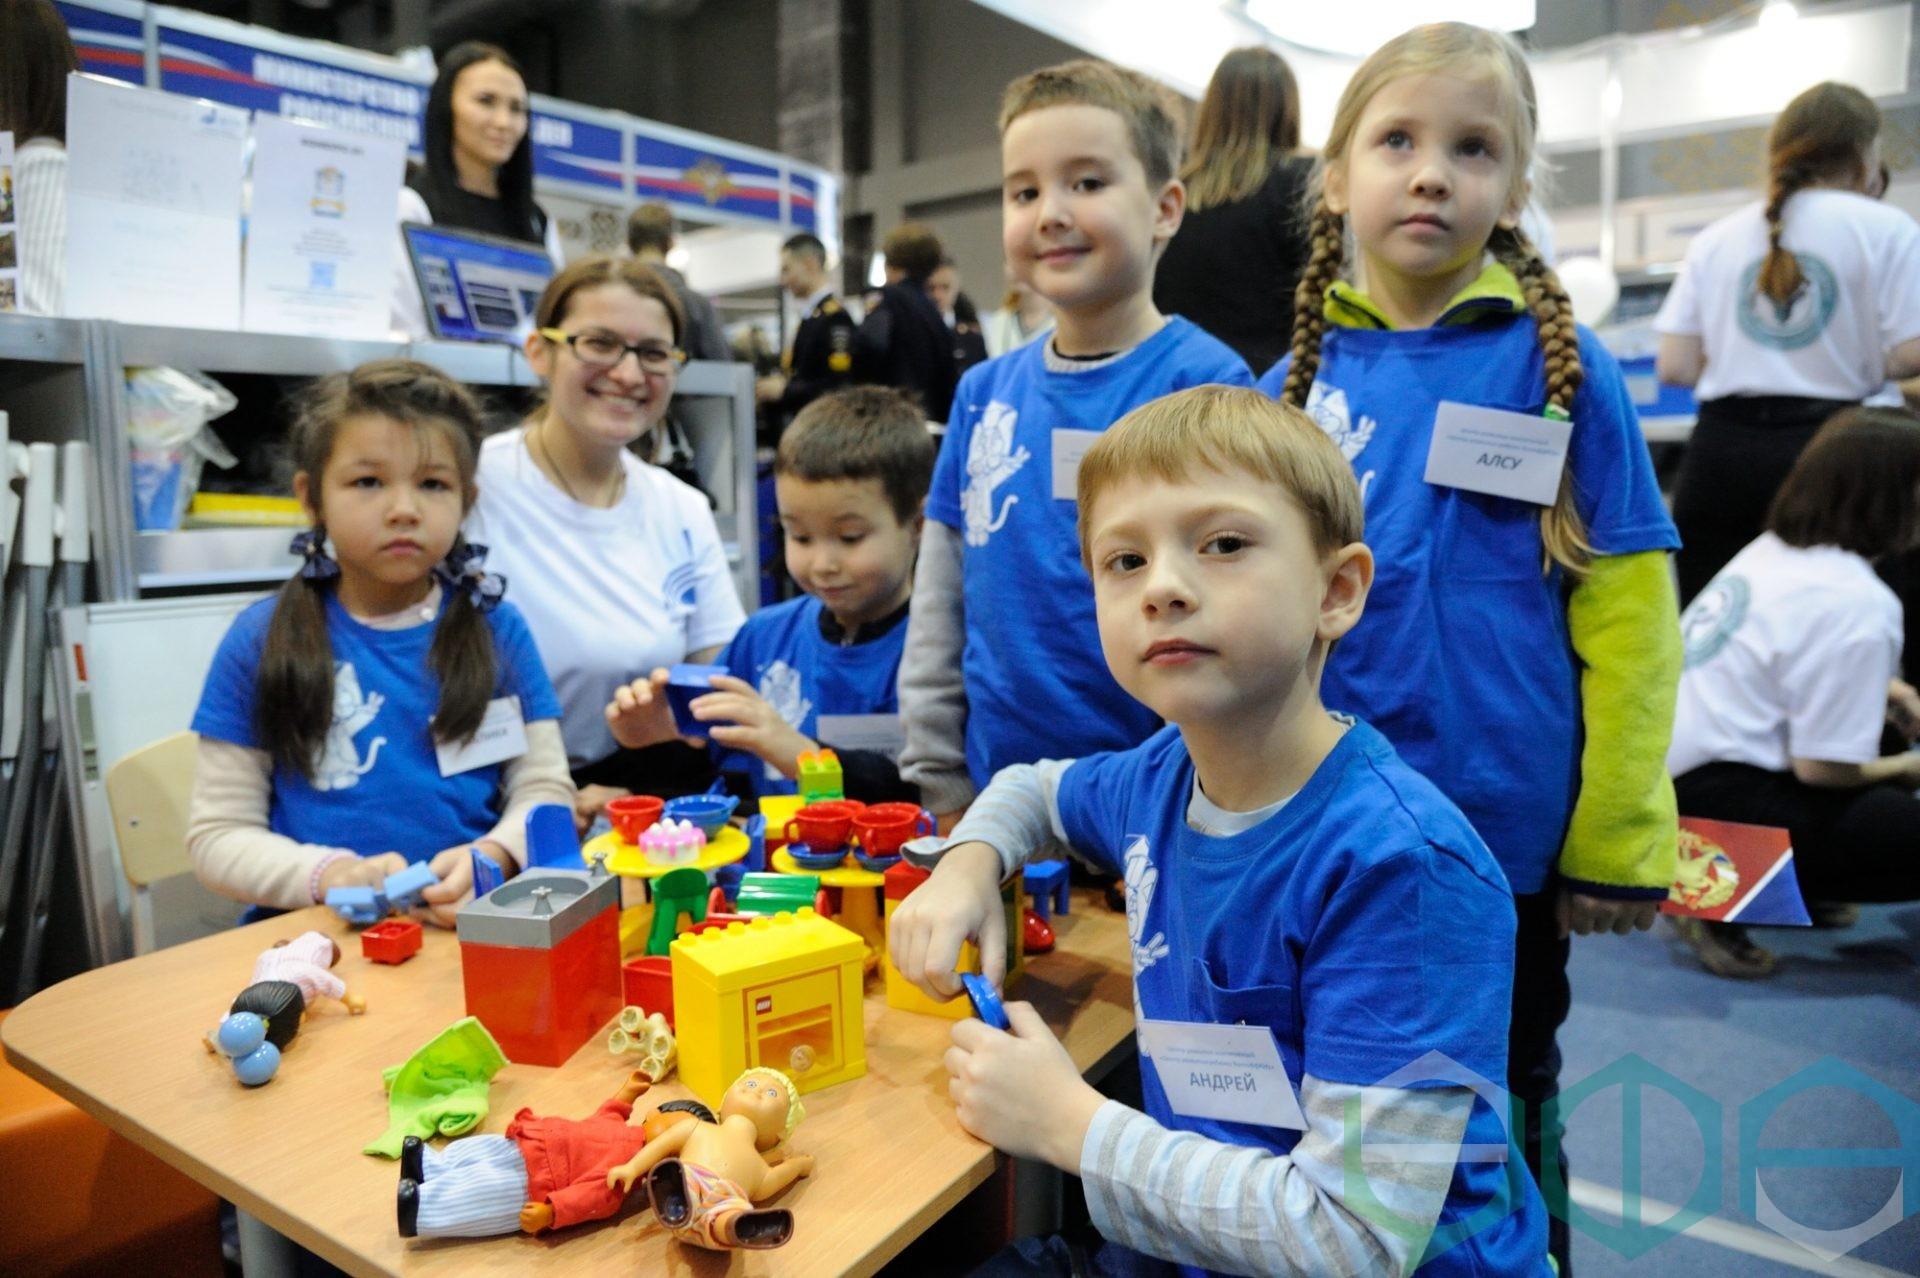 Уфимский международный салон образования будет работать четыре дня